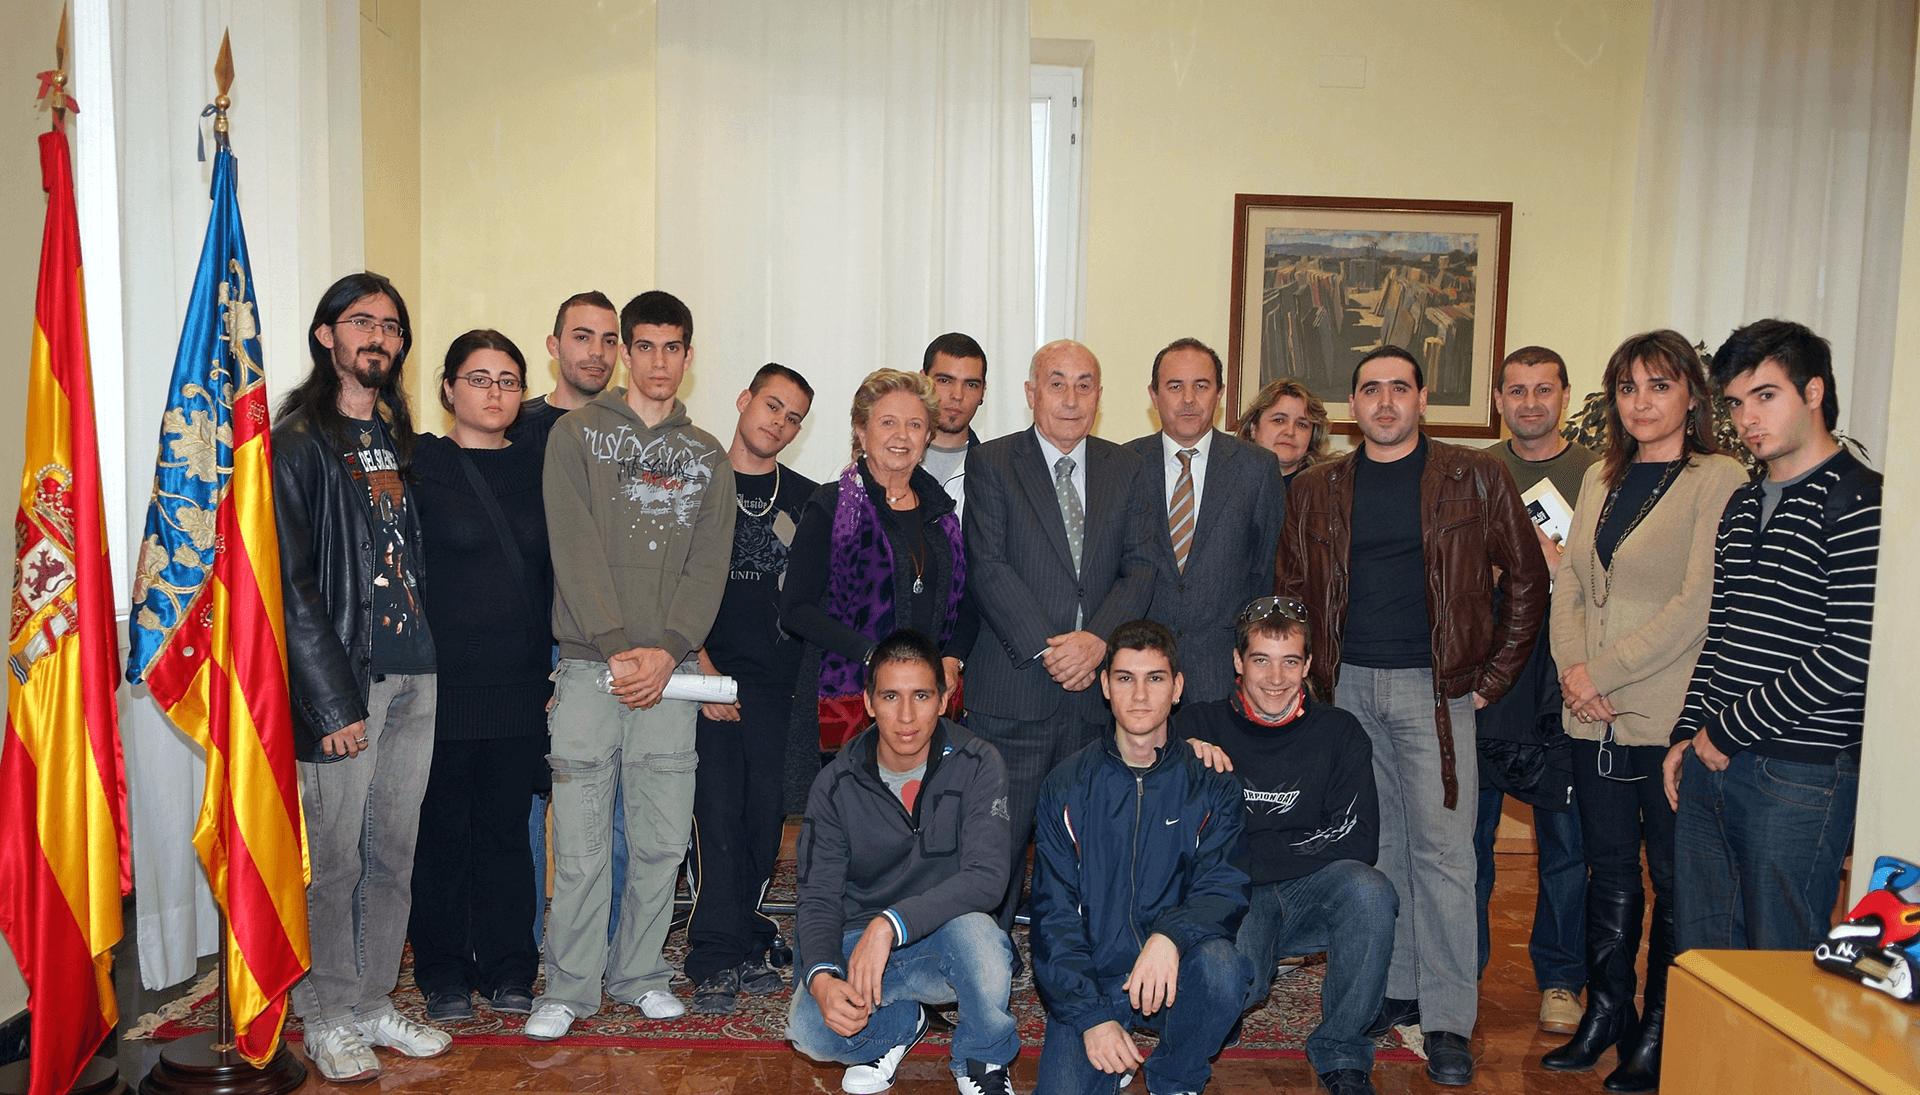 El síndic recibe la visita de los alumnos del FPA Giner de los Ríos